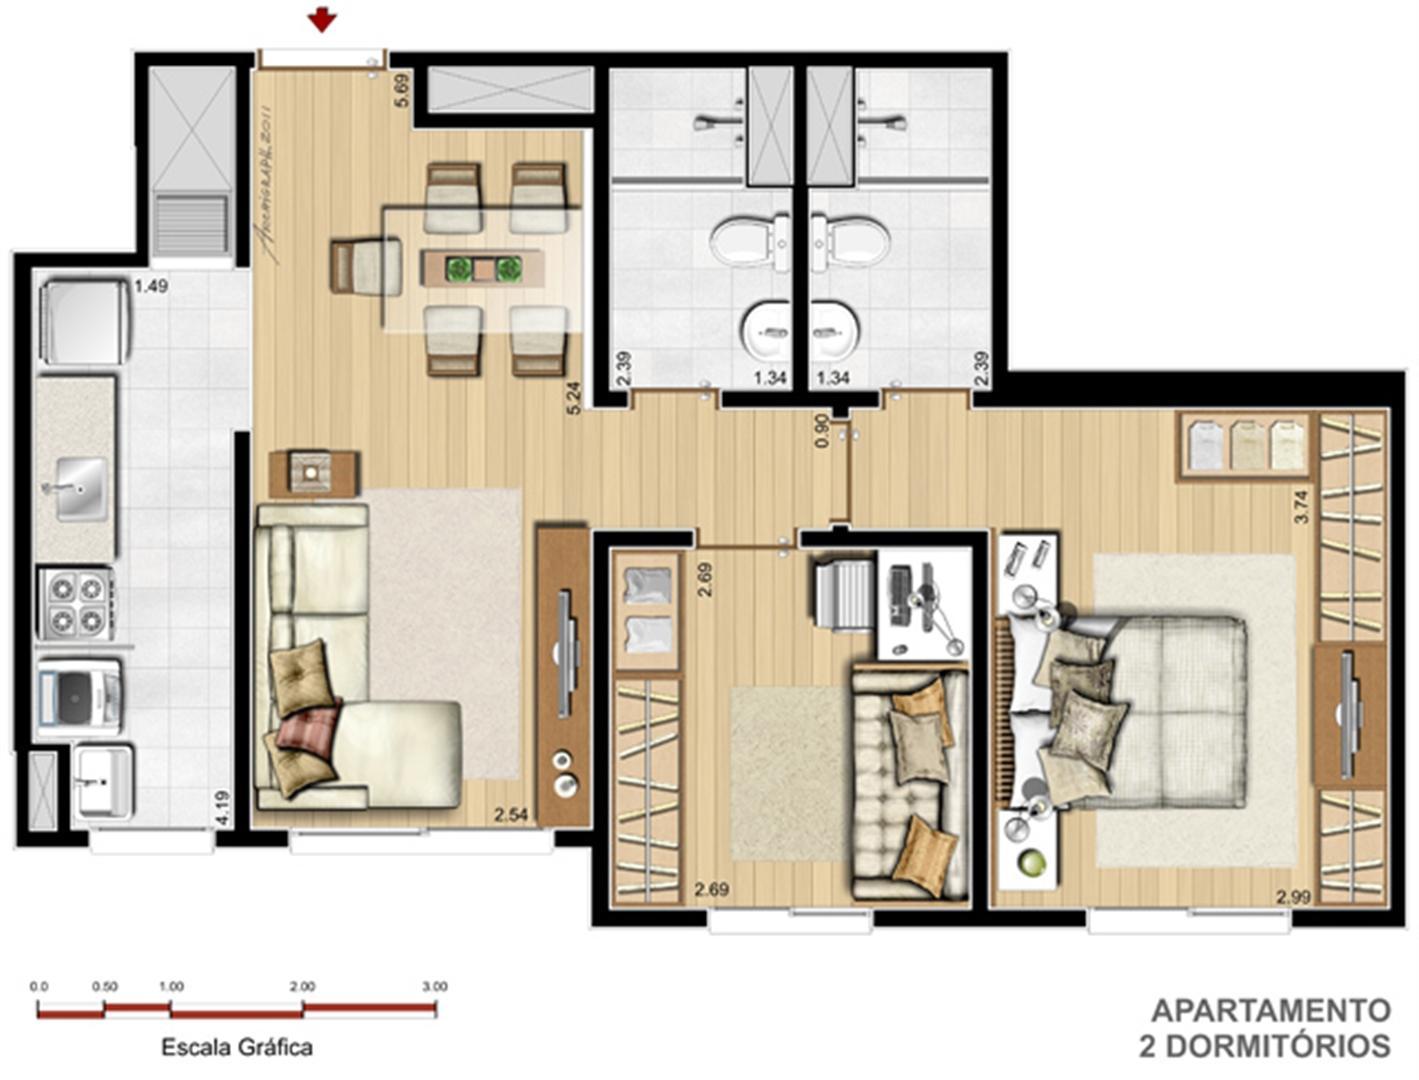 Apto. 2 dorms. com suíte - 56,21 m² | Way – Apartamento no  Junto ao Menino Deus - Porto Alegre - Rio Grande do Sul